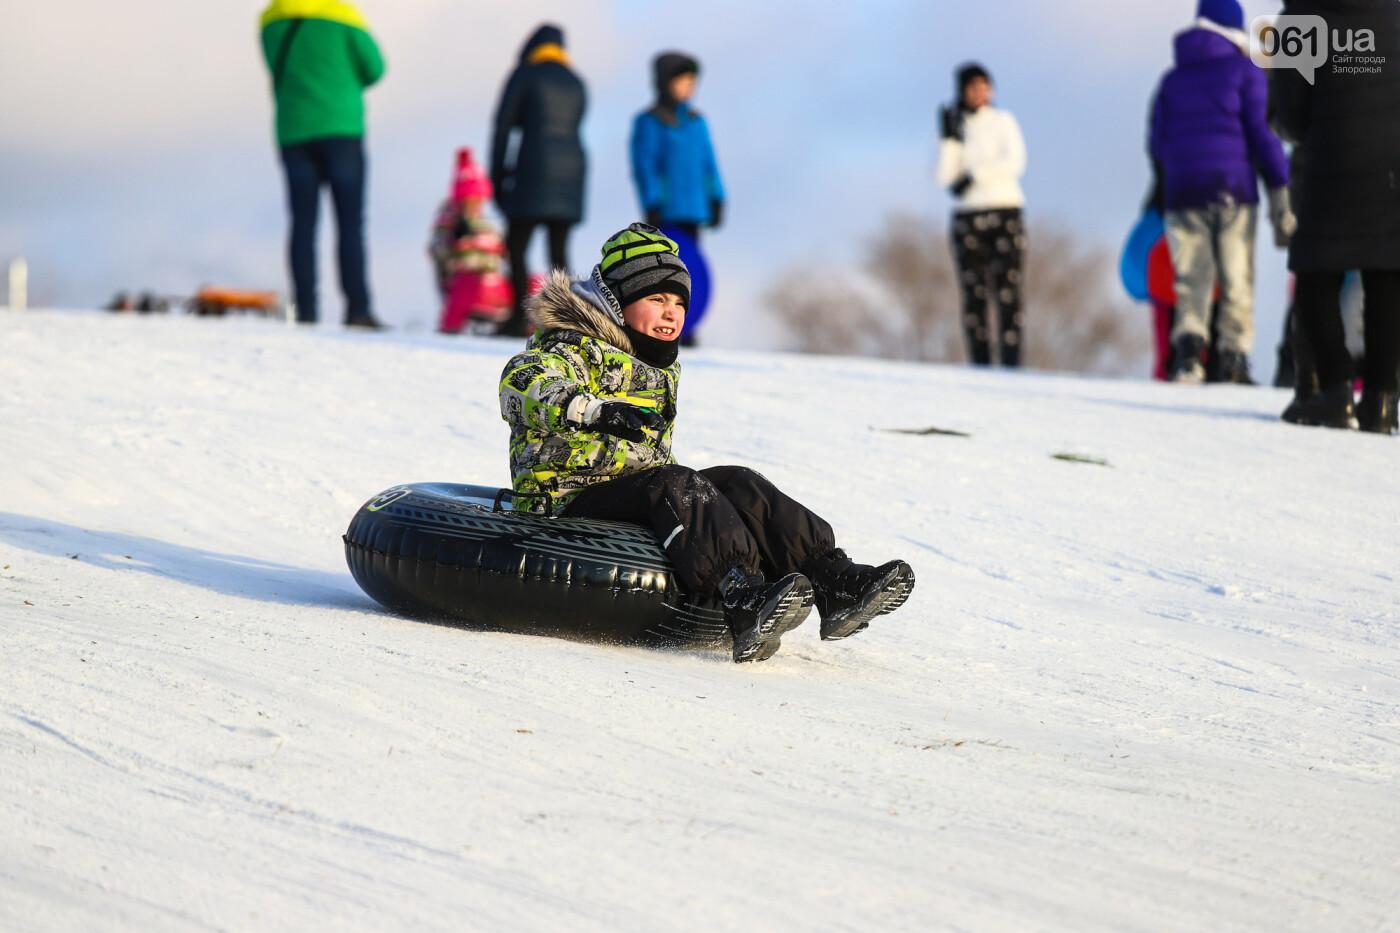 На санках, лыжах и сноуборде: запорожцы устроили массовое катание с горок в Вознесеновском парке, - ФОТОРЕПОРТАЖ, фото-30